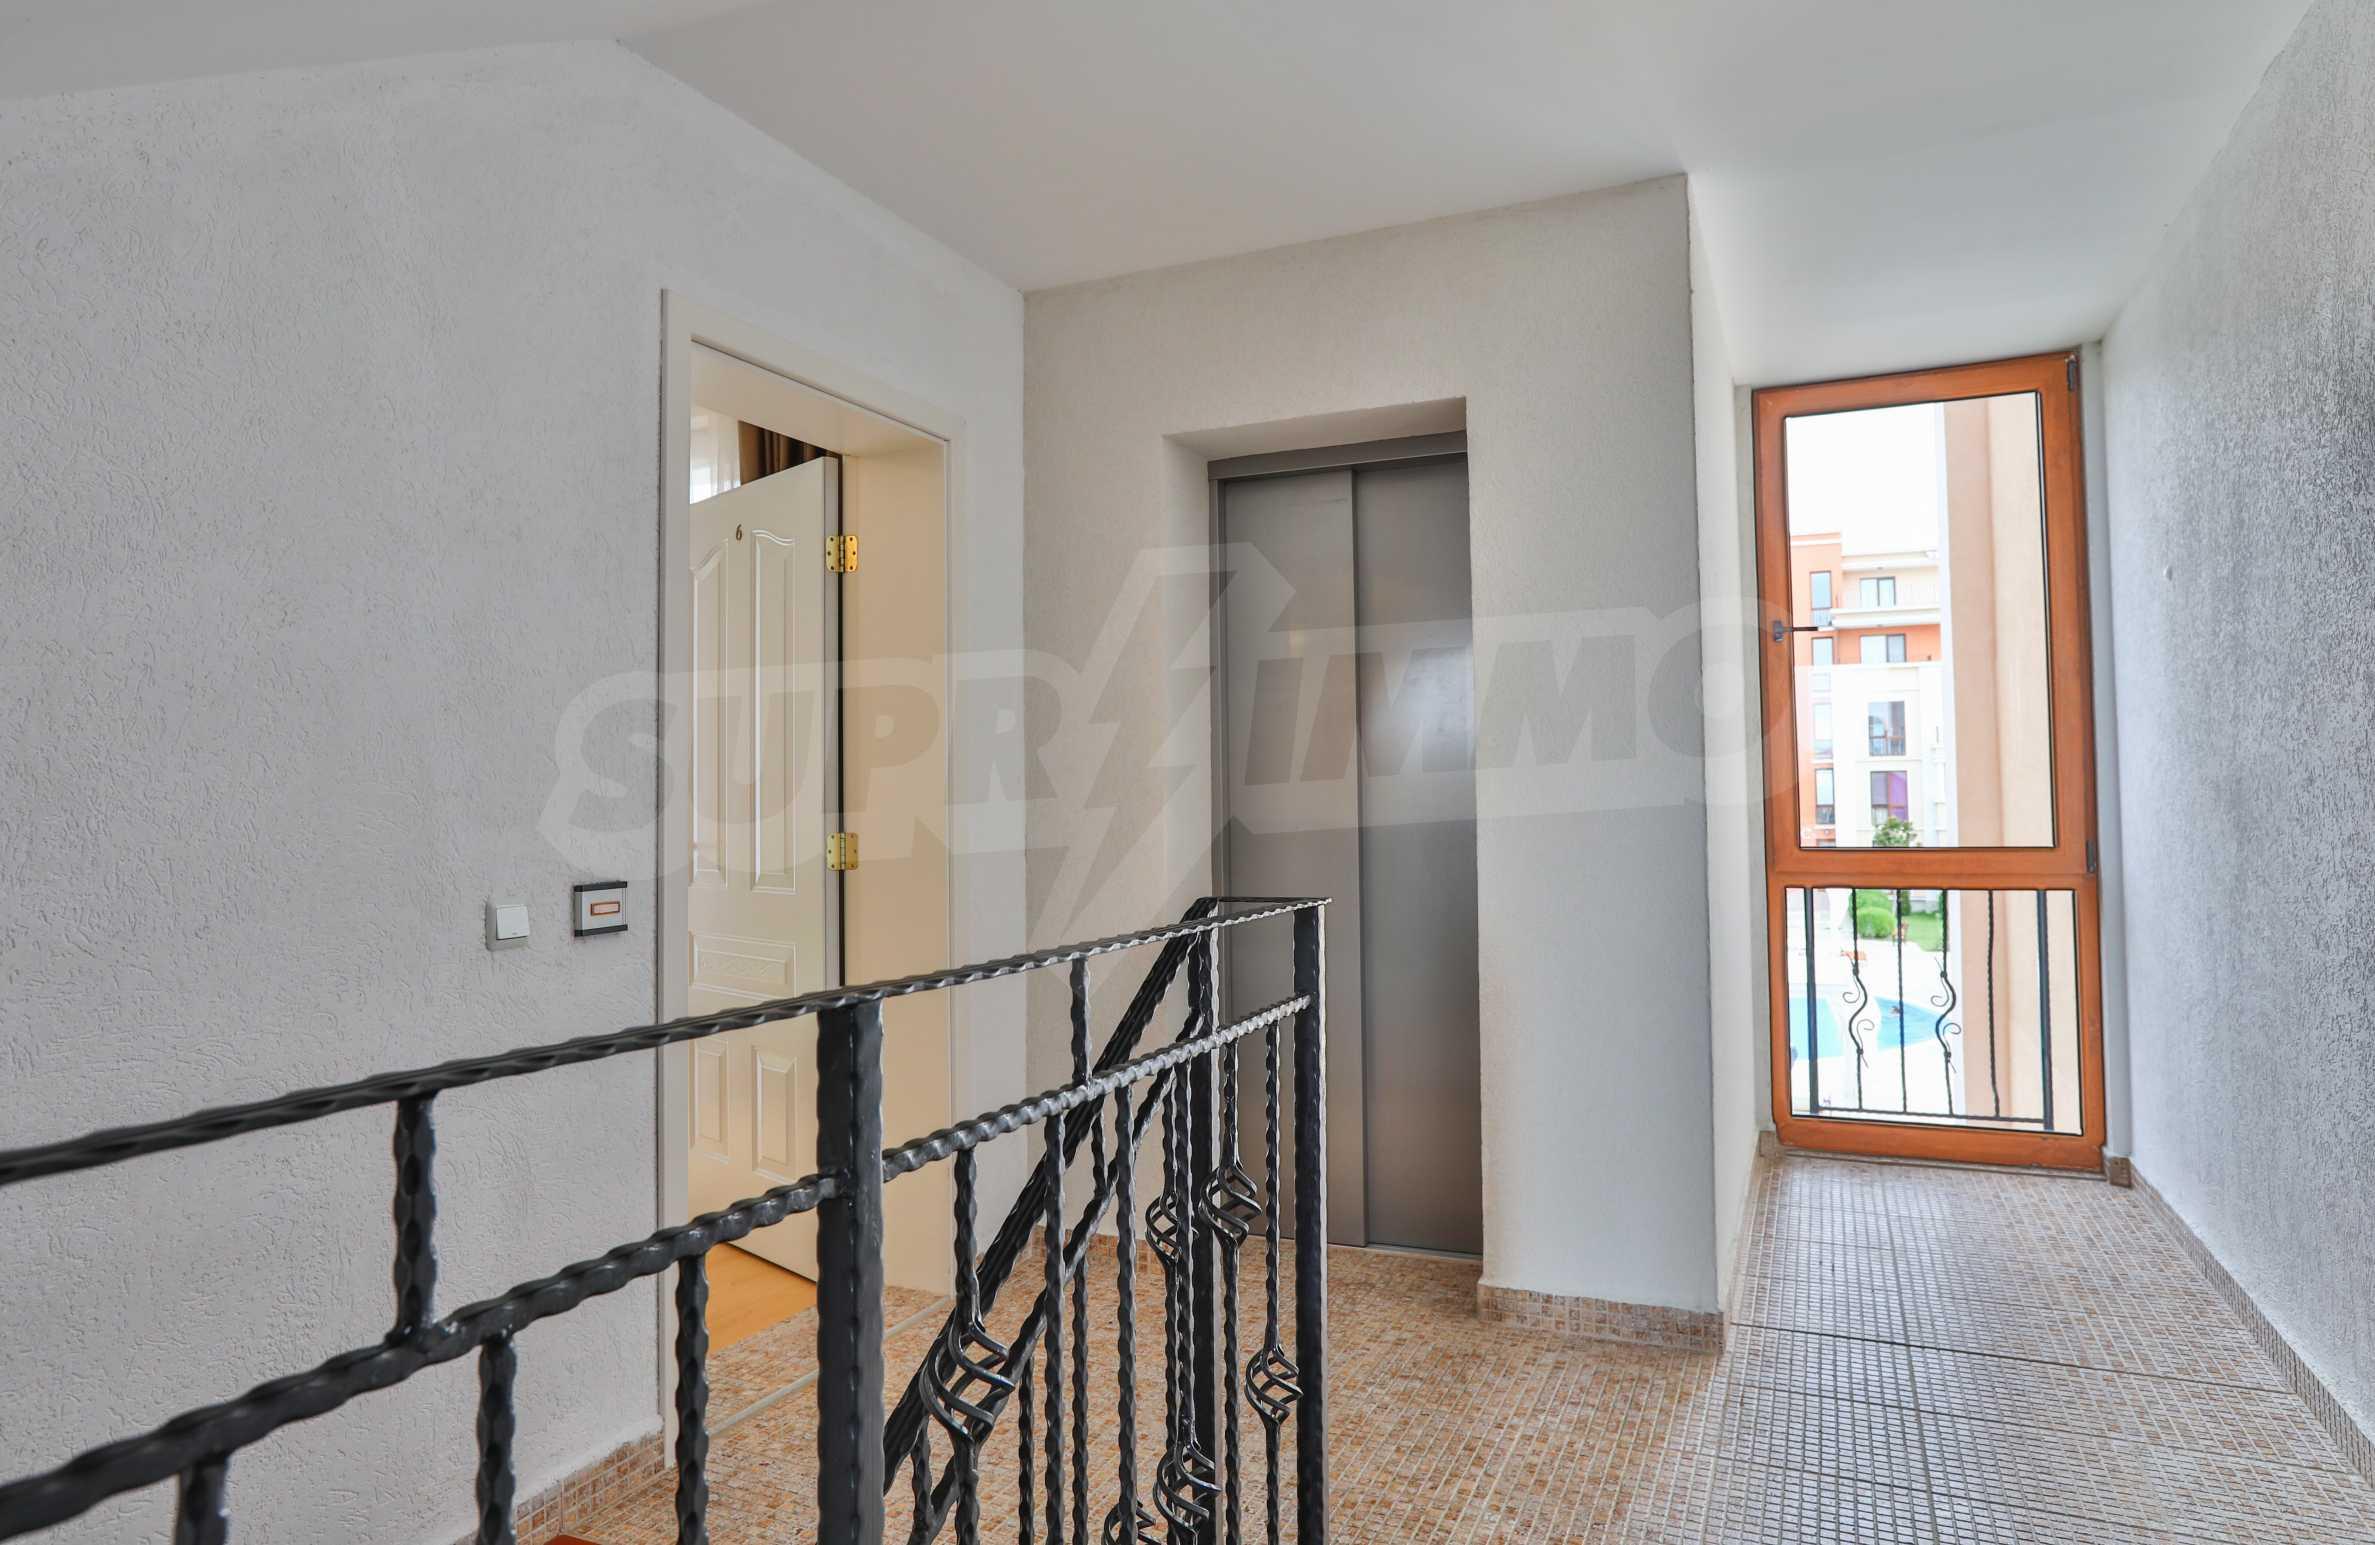 Двустаен апартамент в елитен комплекс на първа линия море 13